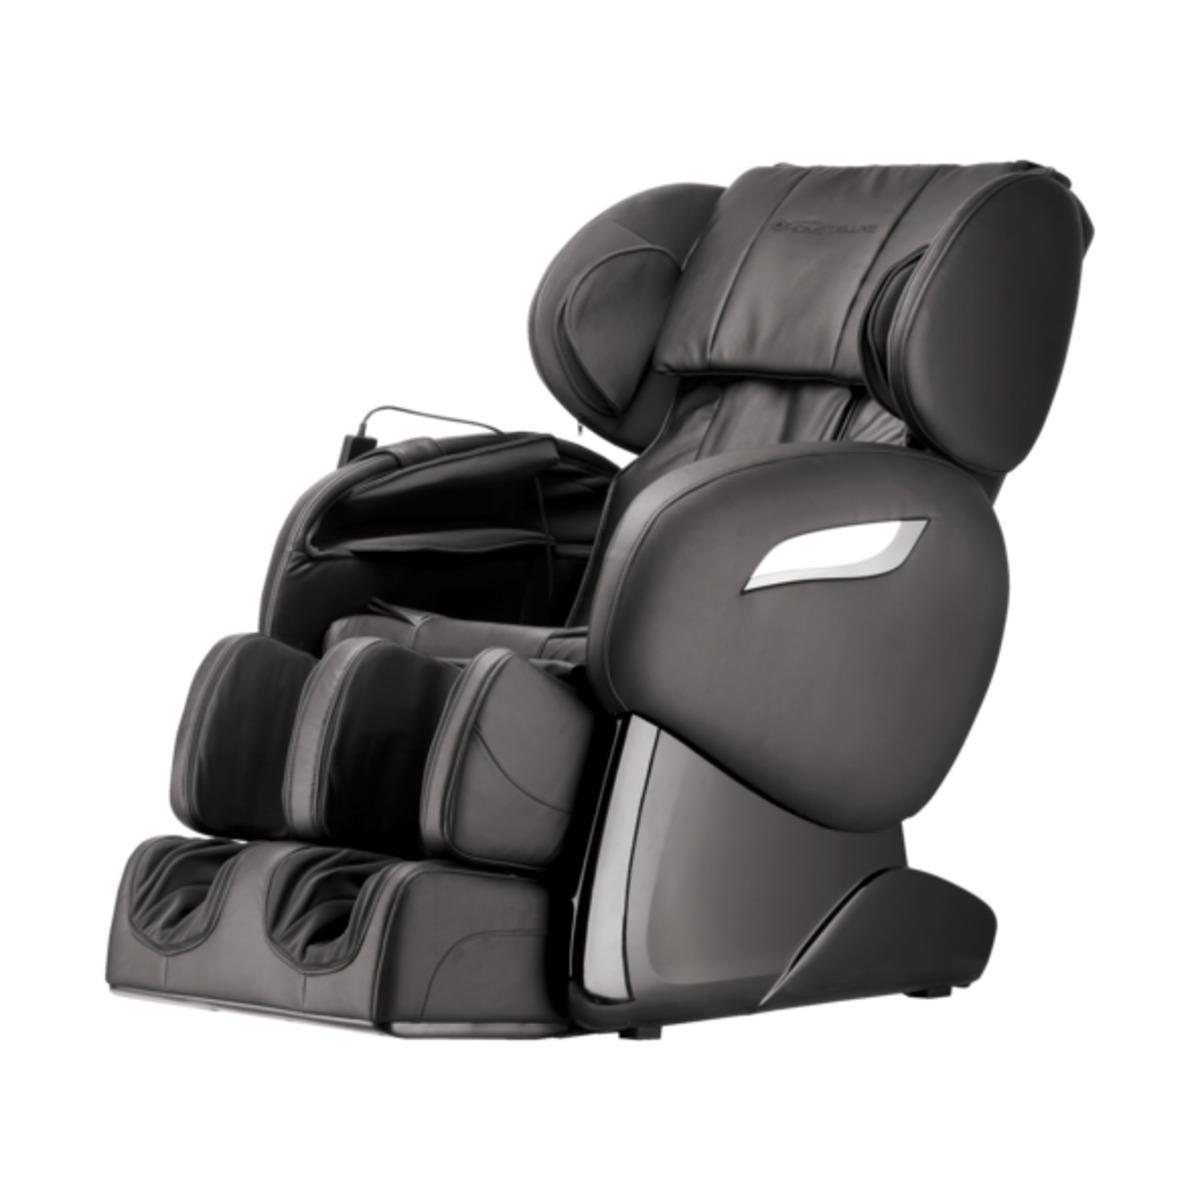 Bild 2 von Massagesessel Home Deluxe Sueno V2